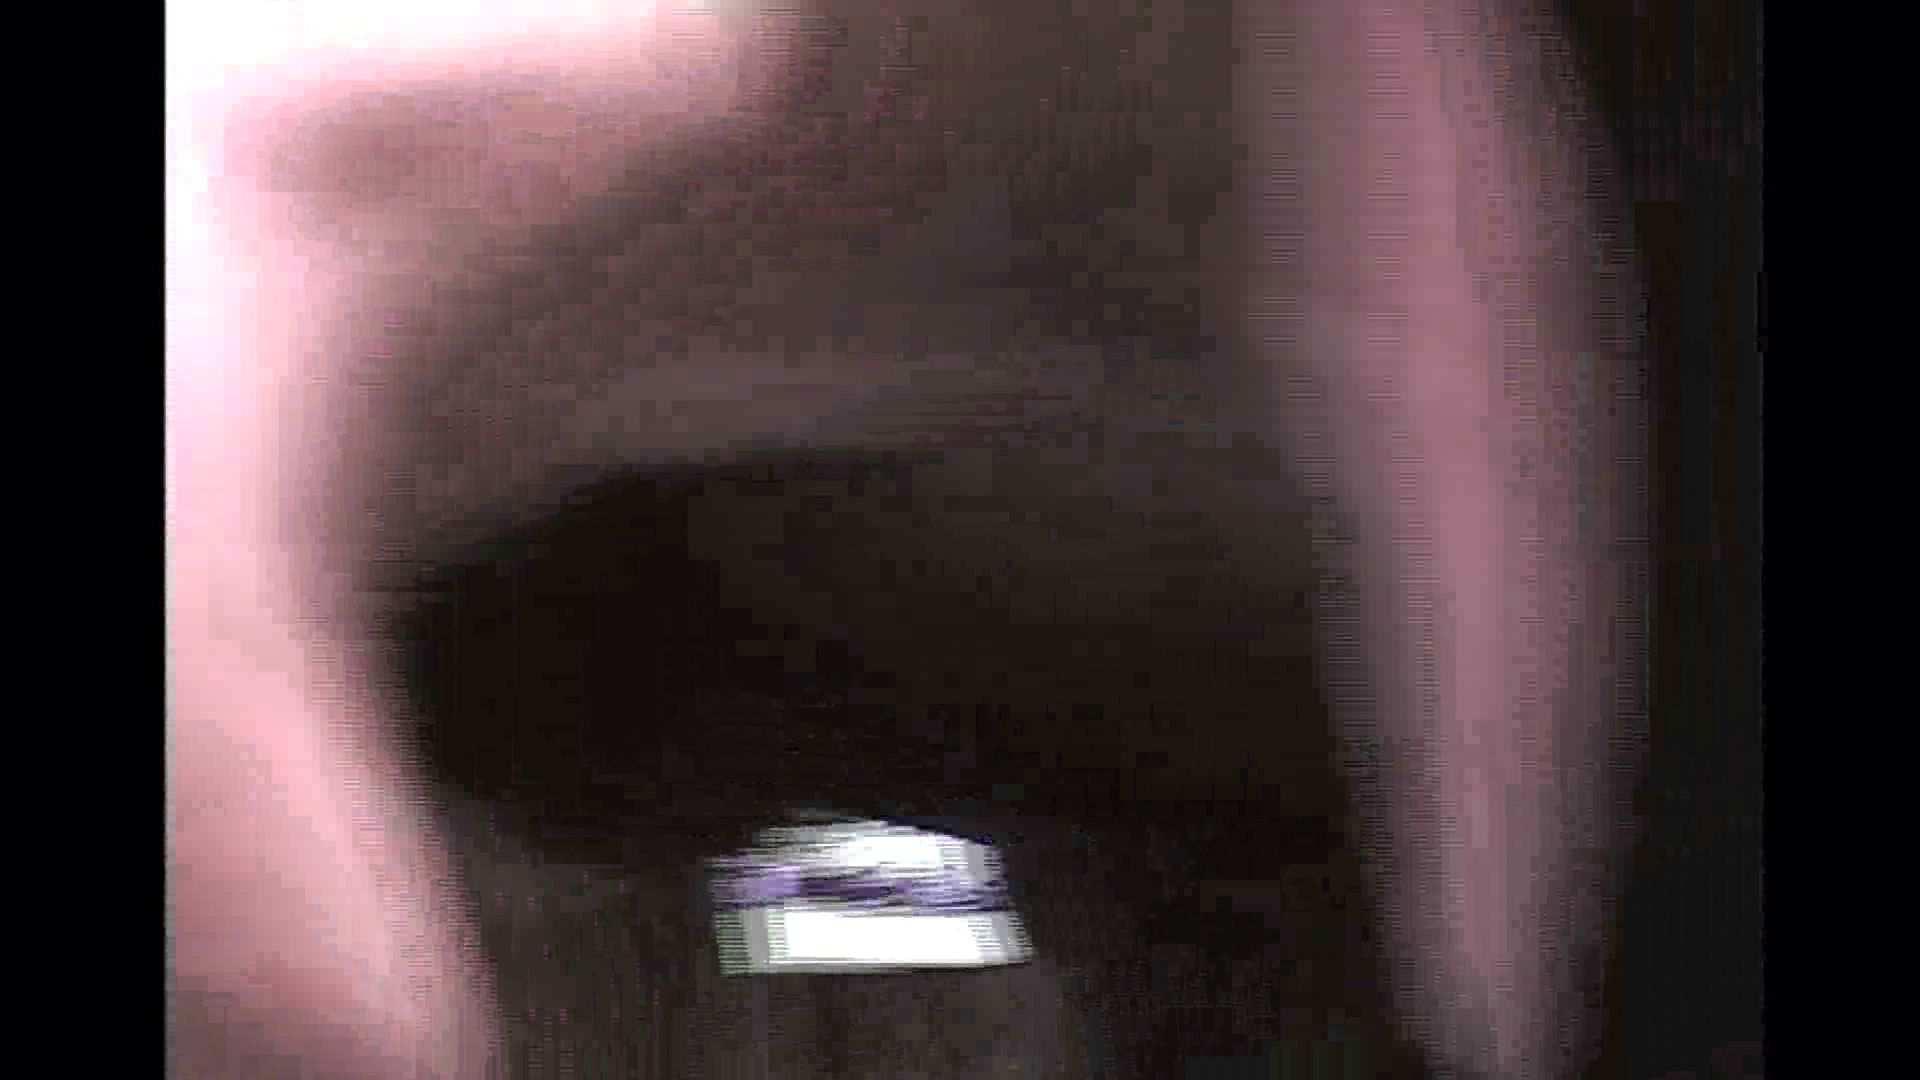 働く美女の谷間参拝 Vol.09 美女エロ画像 おめこ無修正画像 80PICs 29